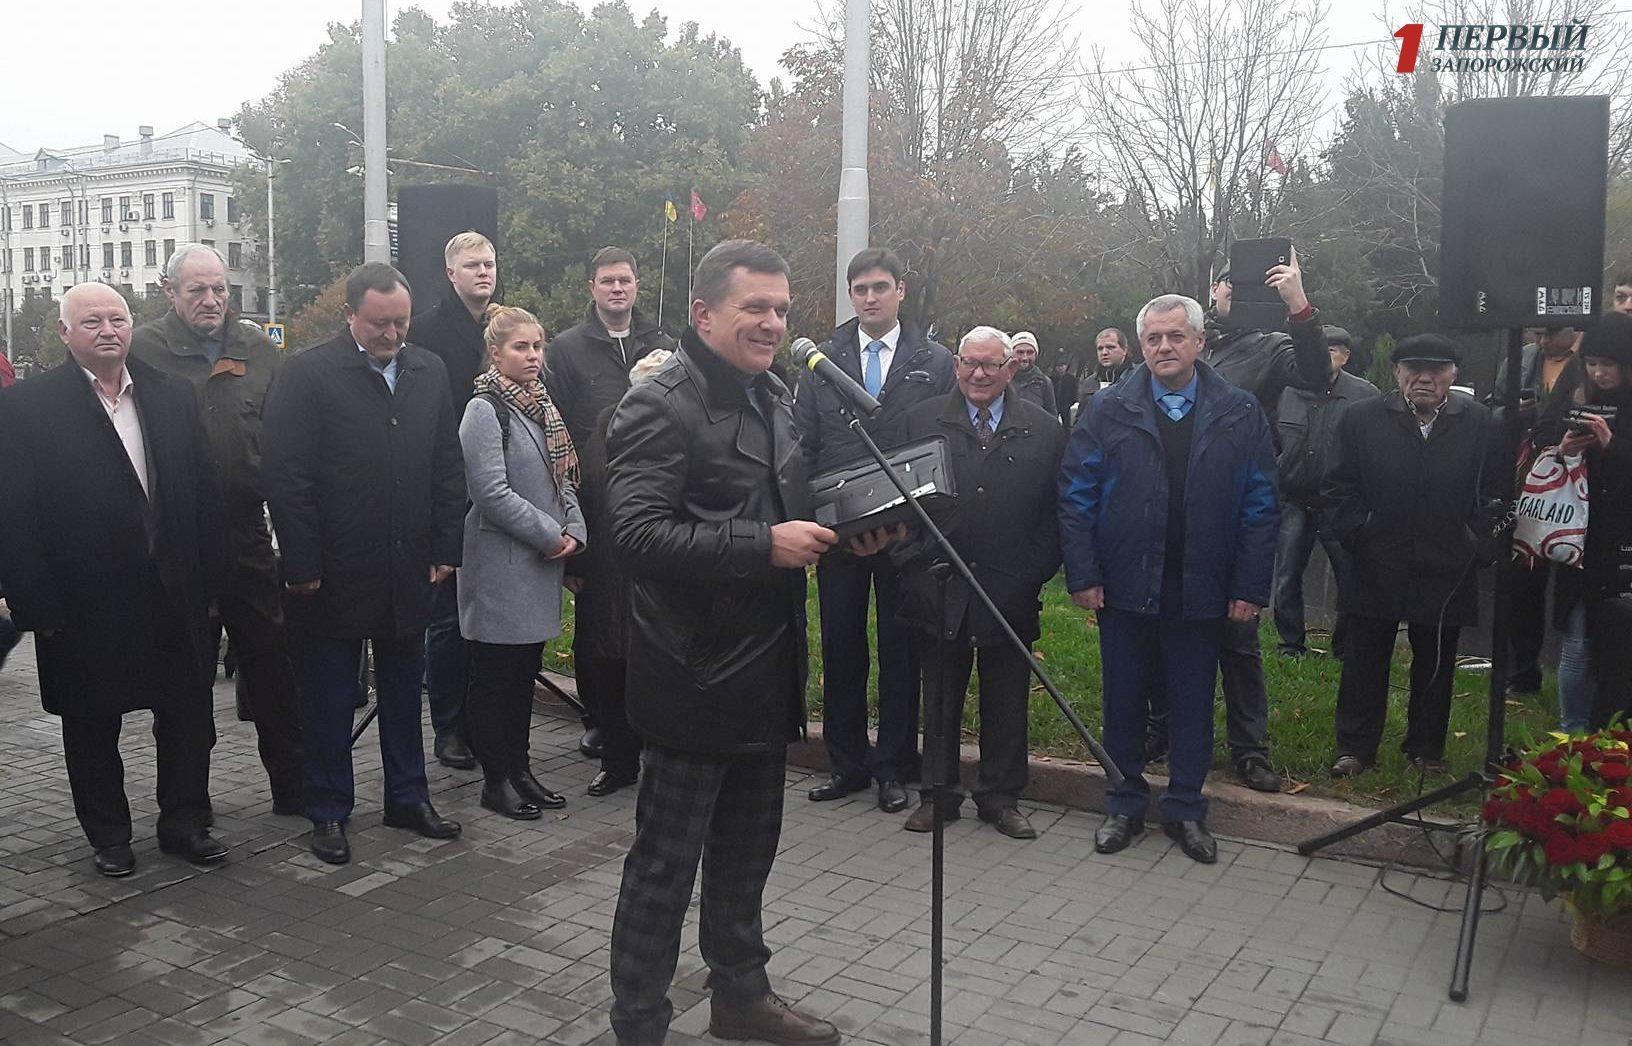 Сын Жаботинского пожаловался губернатору, что бизнес его семьи необоснованно «прессуют»